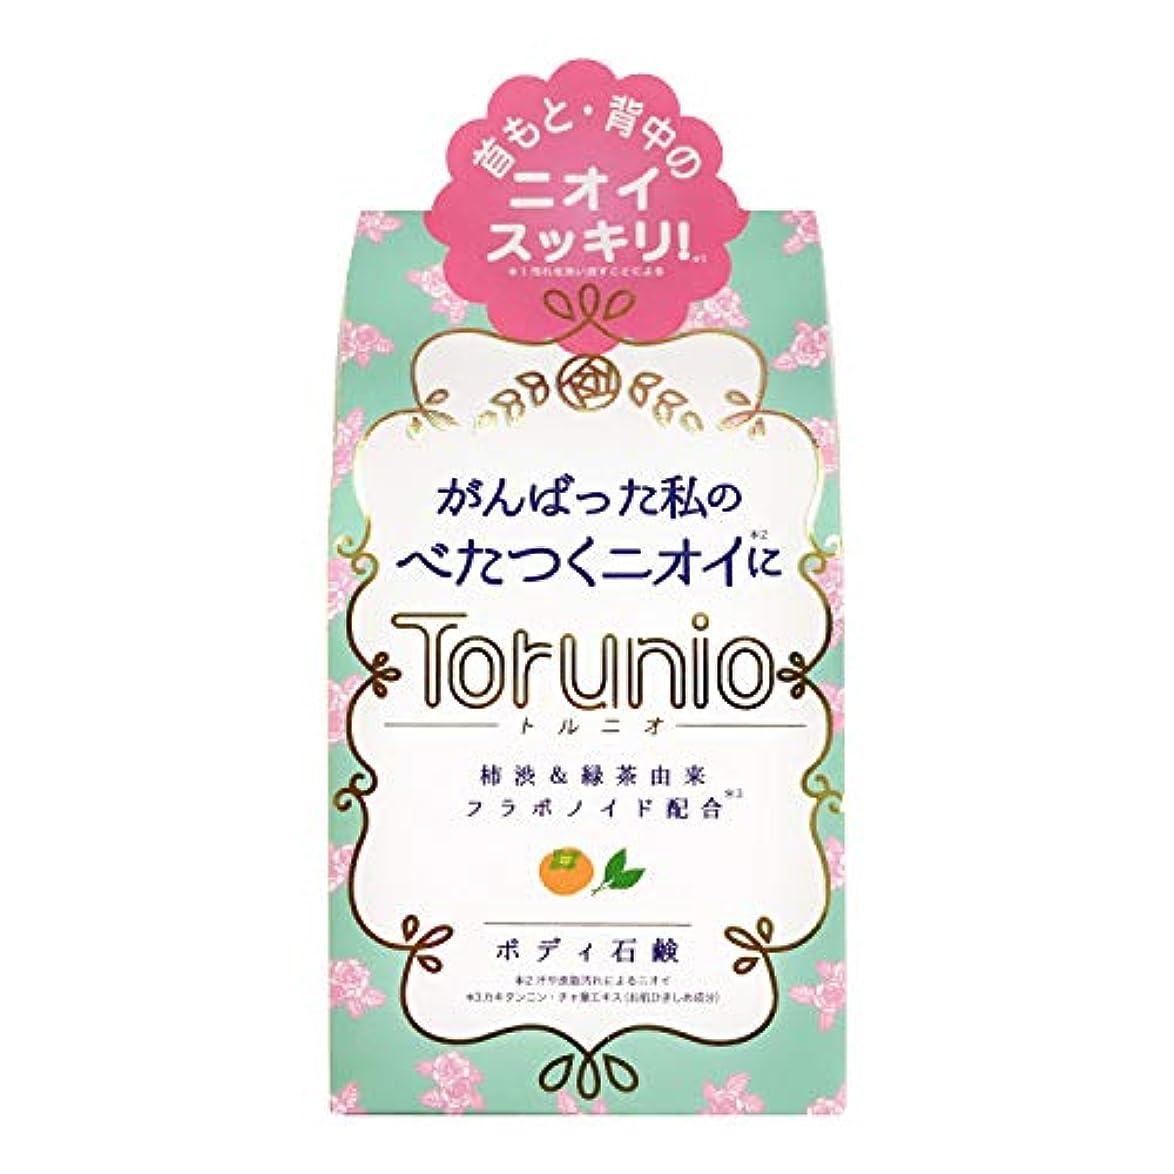 パーティー違う永遠のTorunio(トルニオ)石鹸 100g